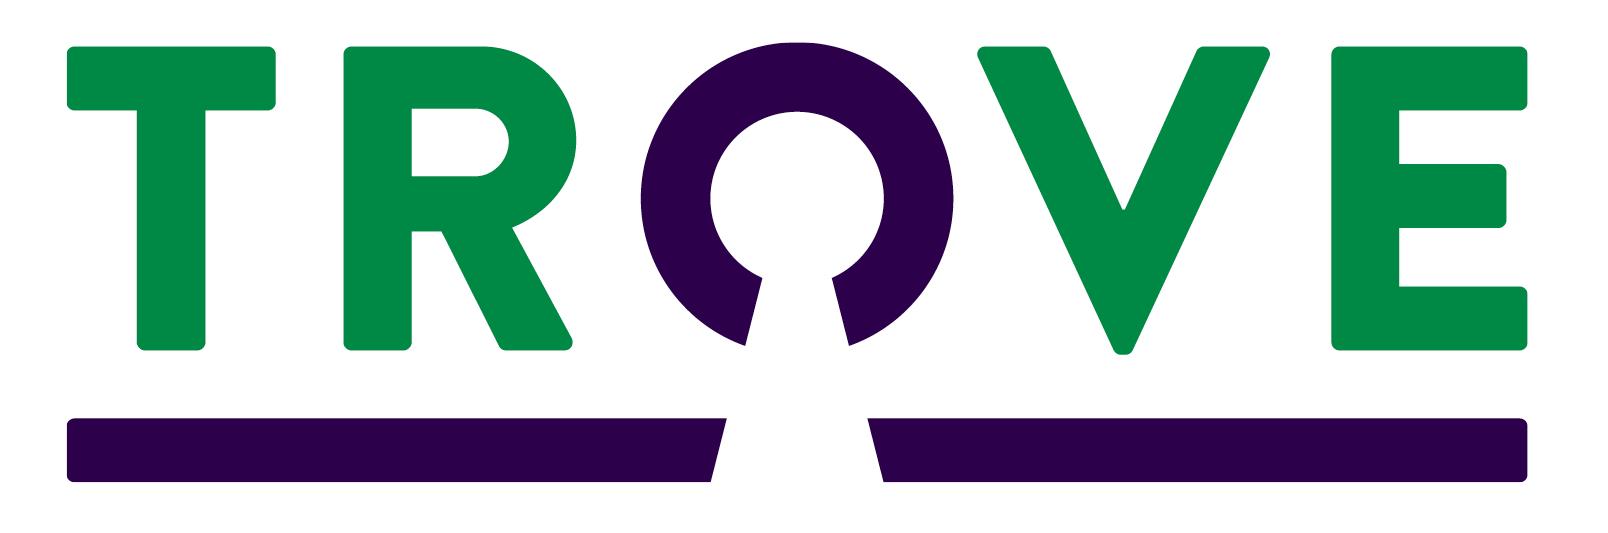 Explore the new TROVE site